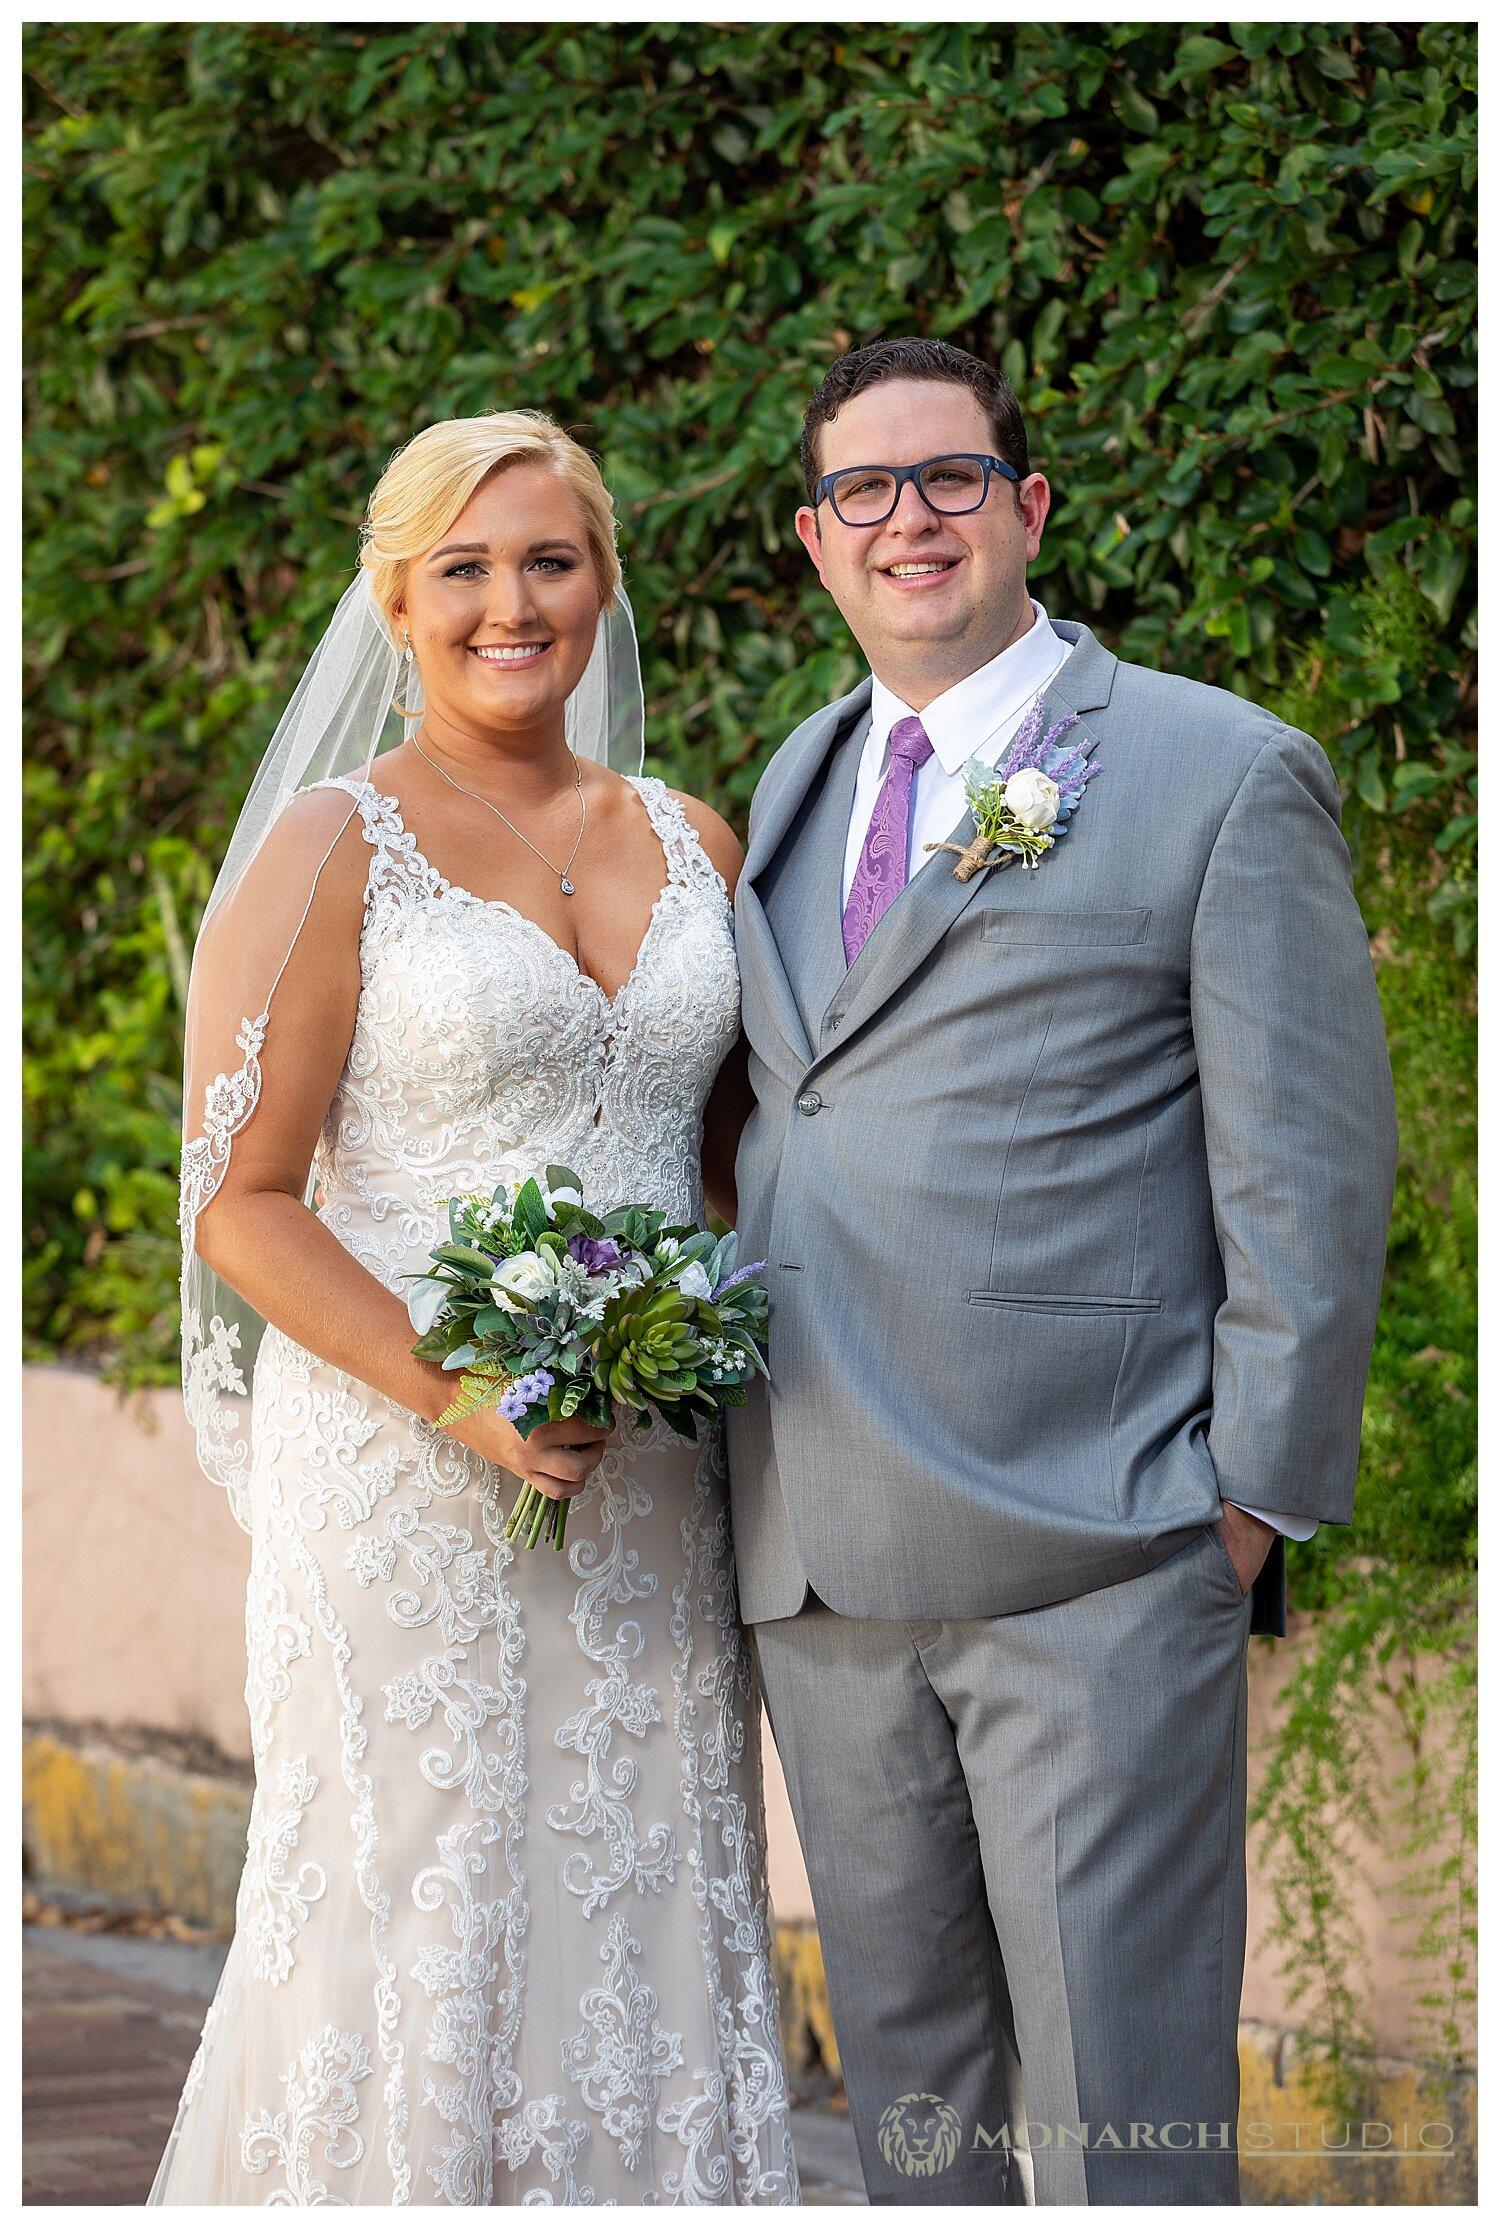 St. Augustine Villa blanca Wedding 024.JPG